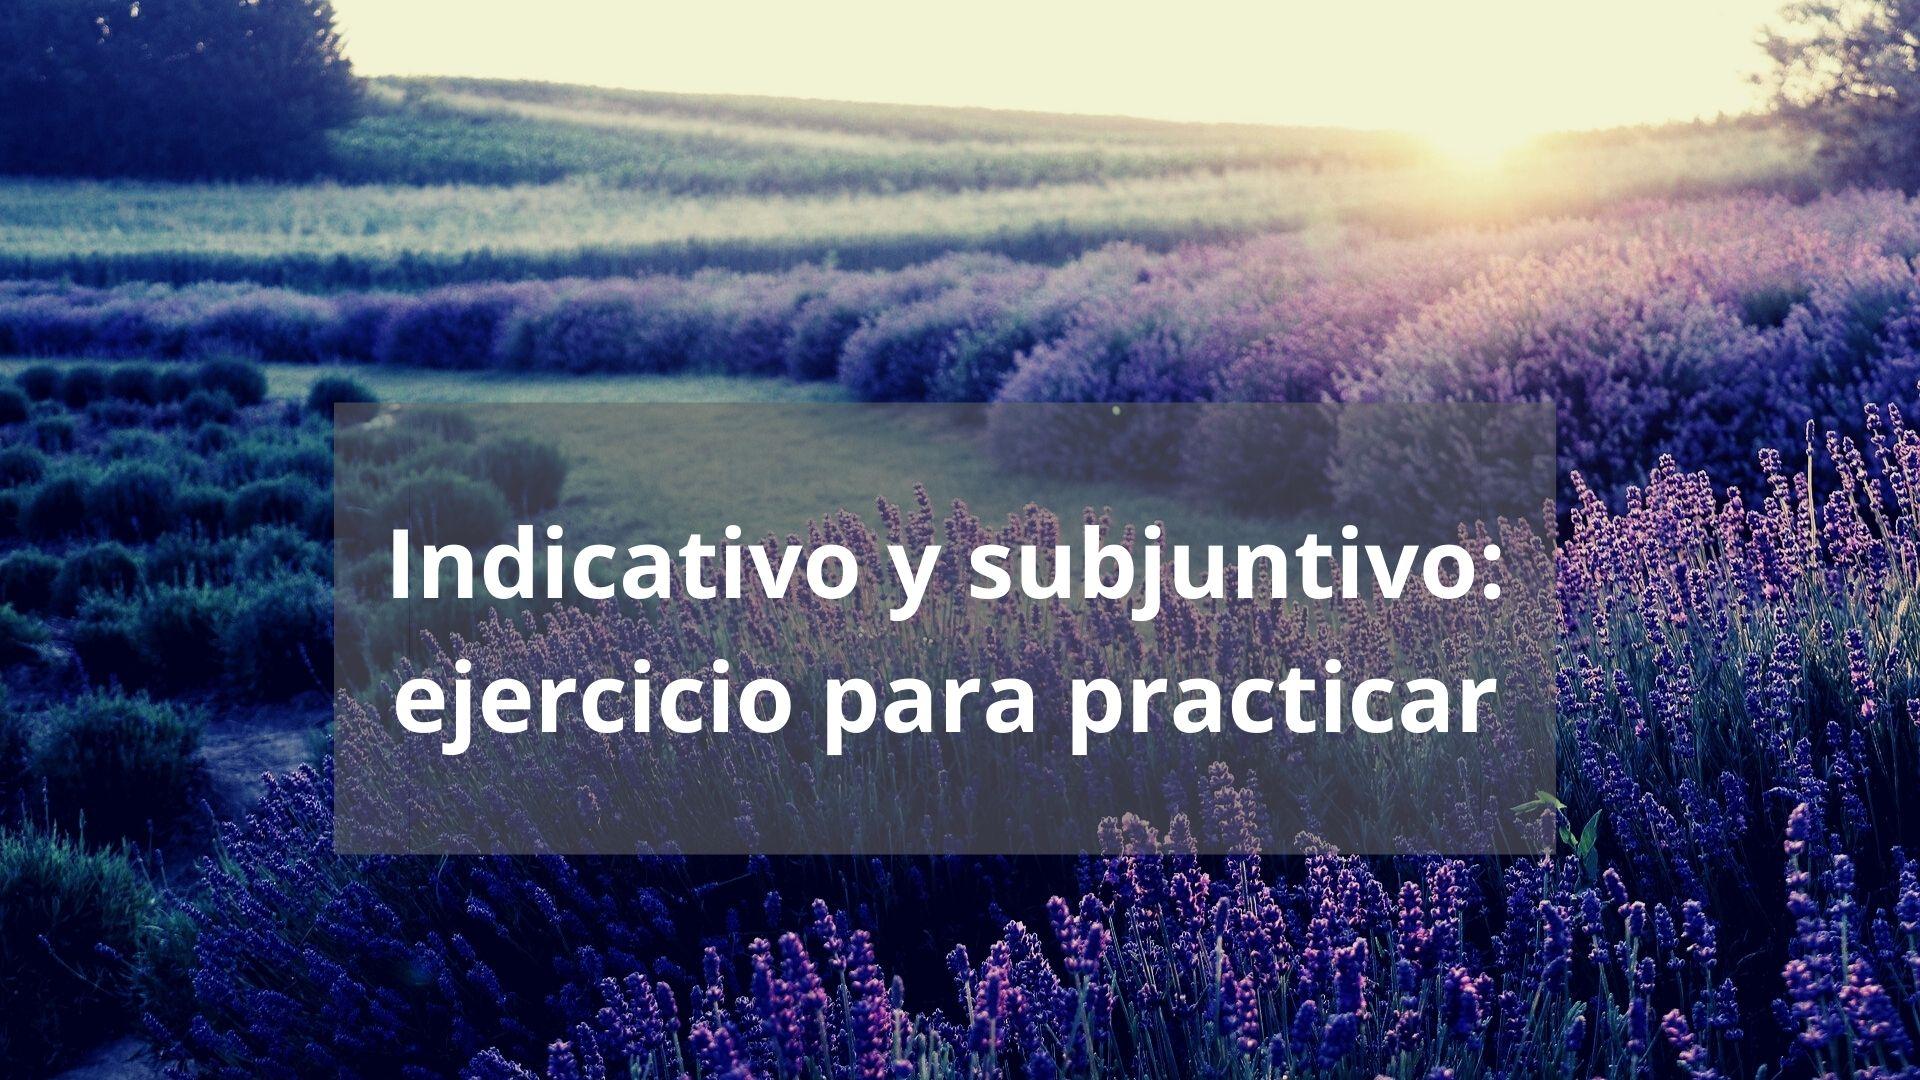 Indicativo y subjuntivo: ejercicio para practicar